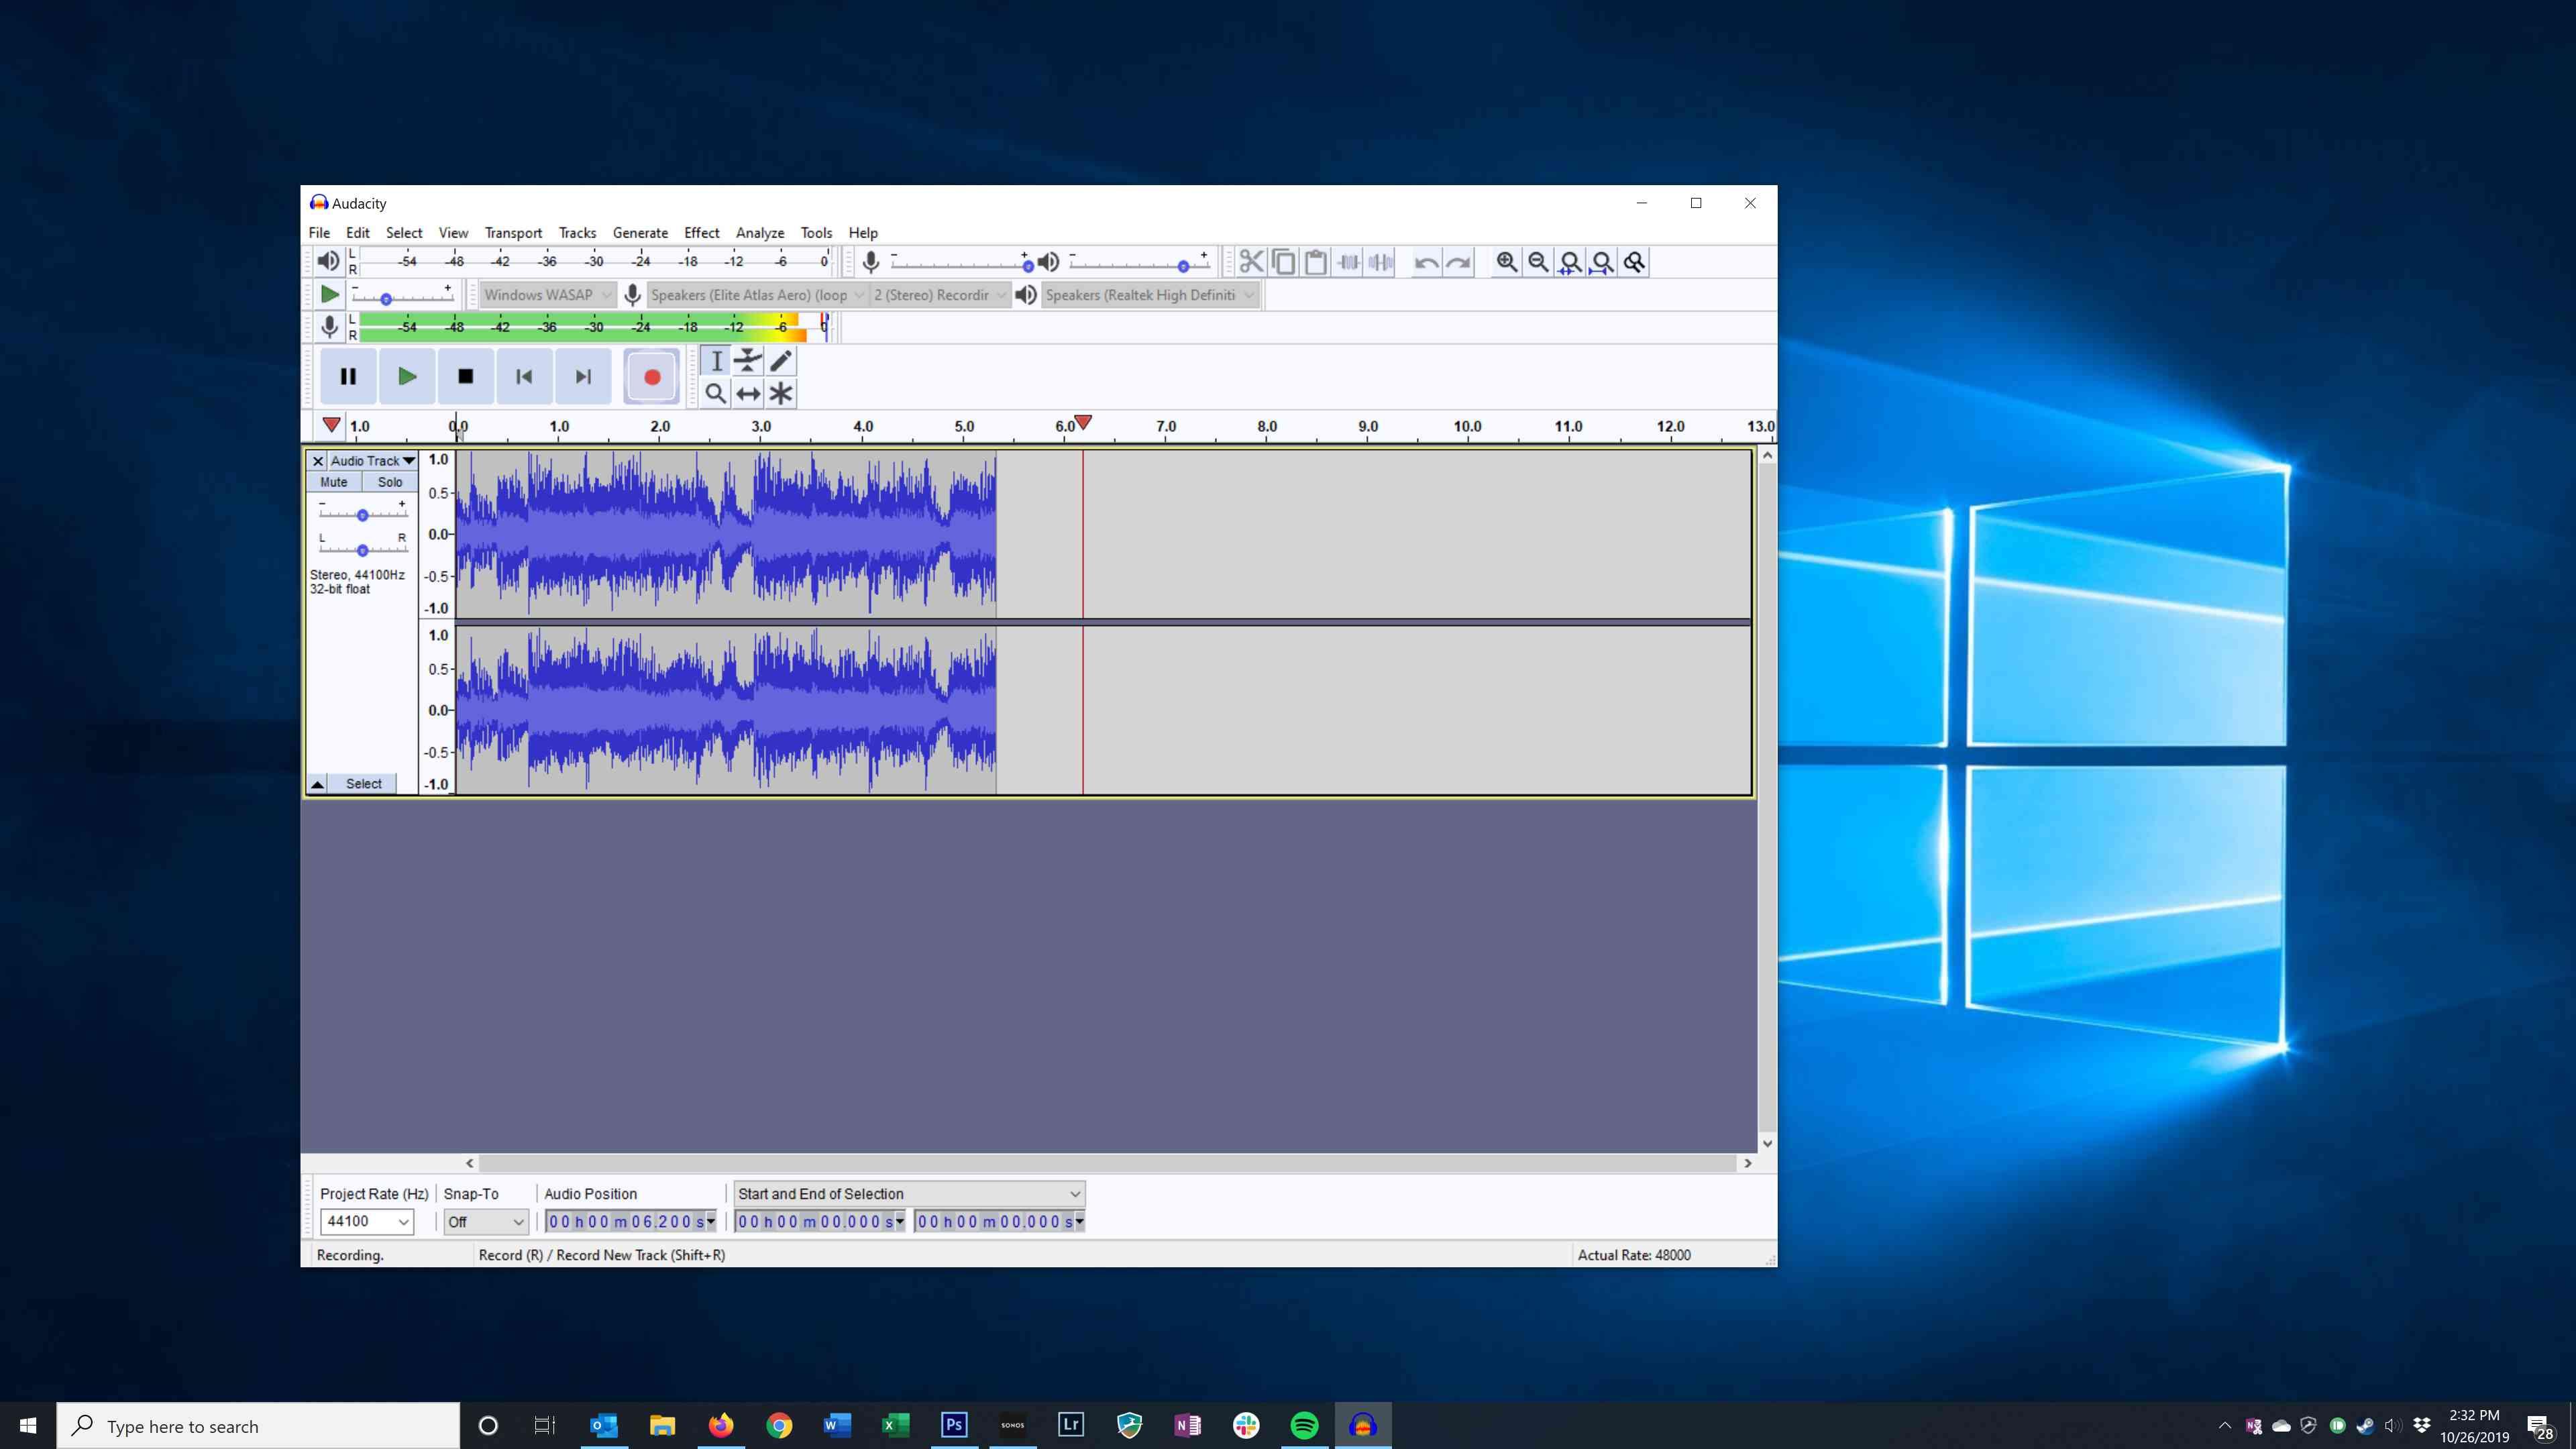 Recording audio in Audacity